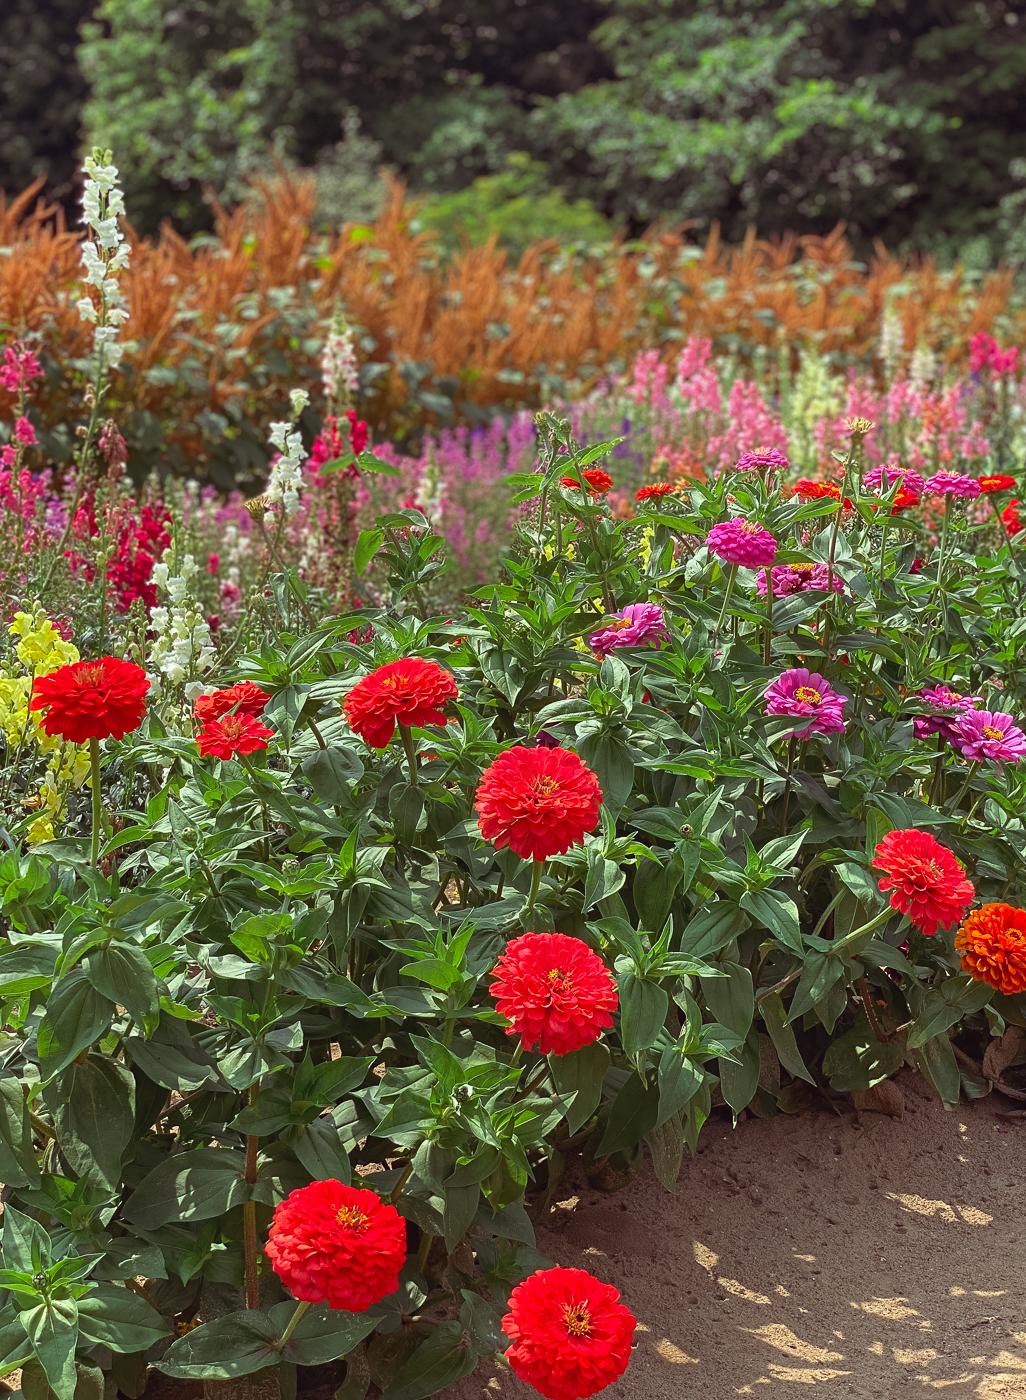 common zinnia, summer garden flowers, blooming flowers, summer flowers that bloom